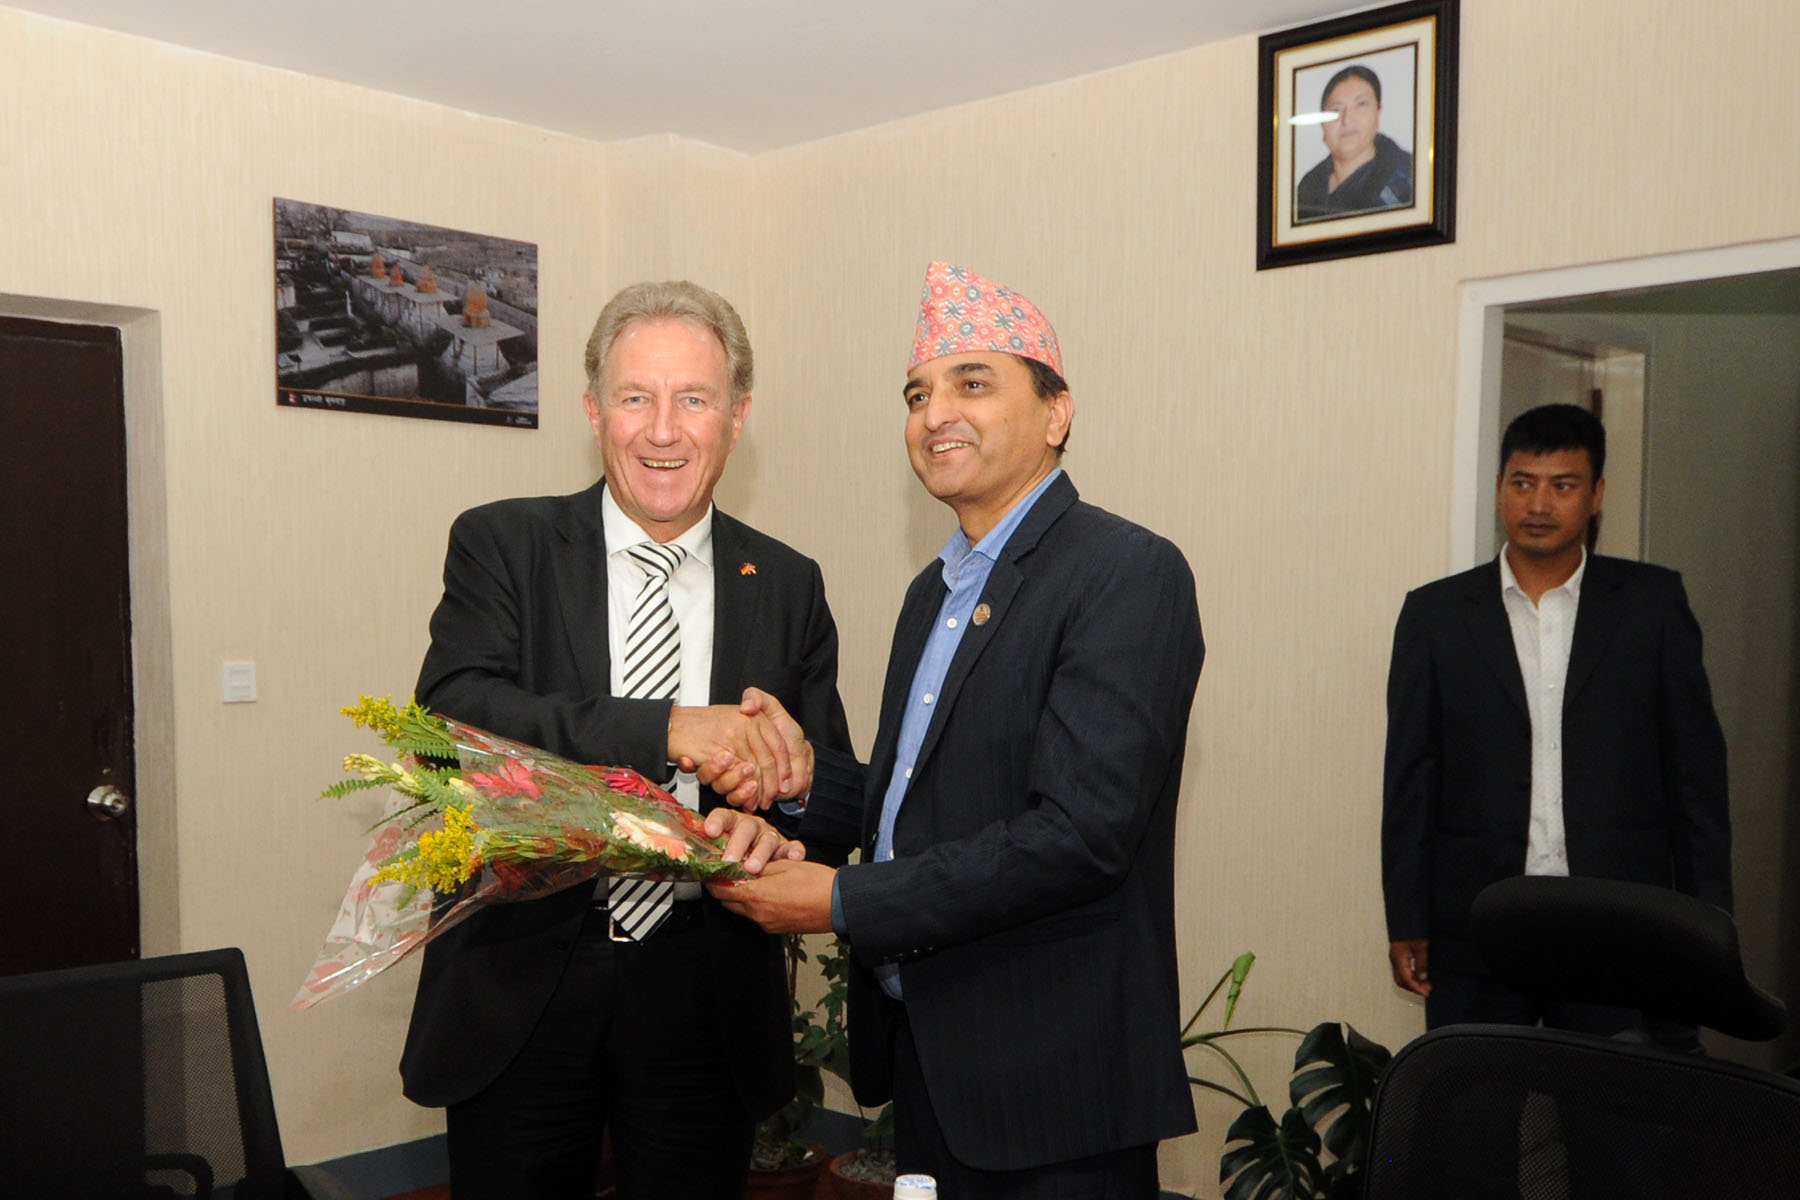 माननीय संस्कृति, पर्यटन तथा नागरिक उड्डयन मन्त्रीज्यूसँग नेपाल भ्रमणमा रहनु भएका जर्मन Economic Cooperation and Development का Parliamentarian State  Secretary Mr. Norbert Barthle को शिष्टाचार भेटको तस्वीर- (२०७६-०६-१६)